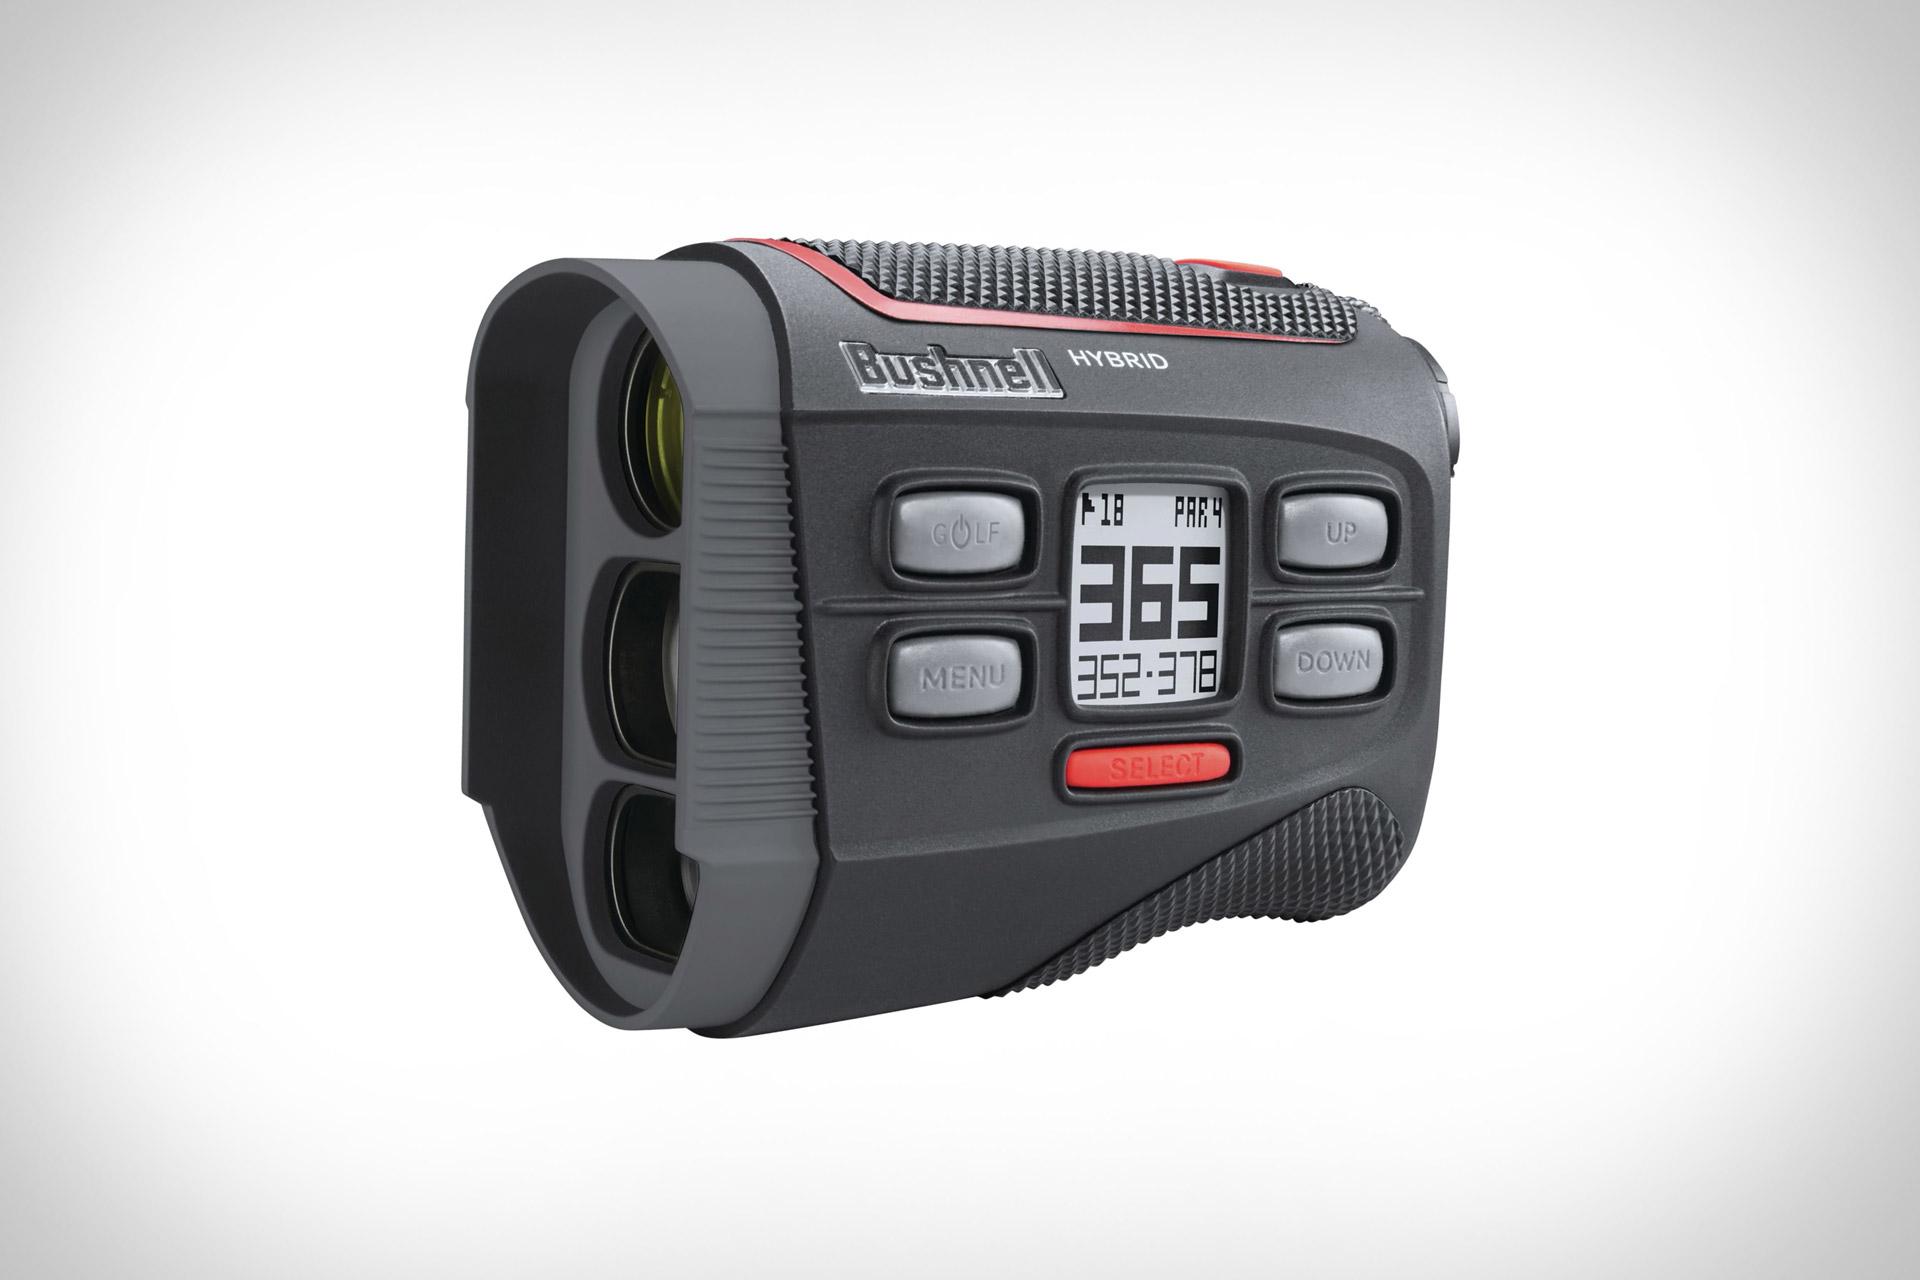 Iphone Entfernungsmesser Golf : Bushnell golf hybrid rangefinder uncrate